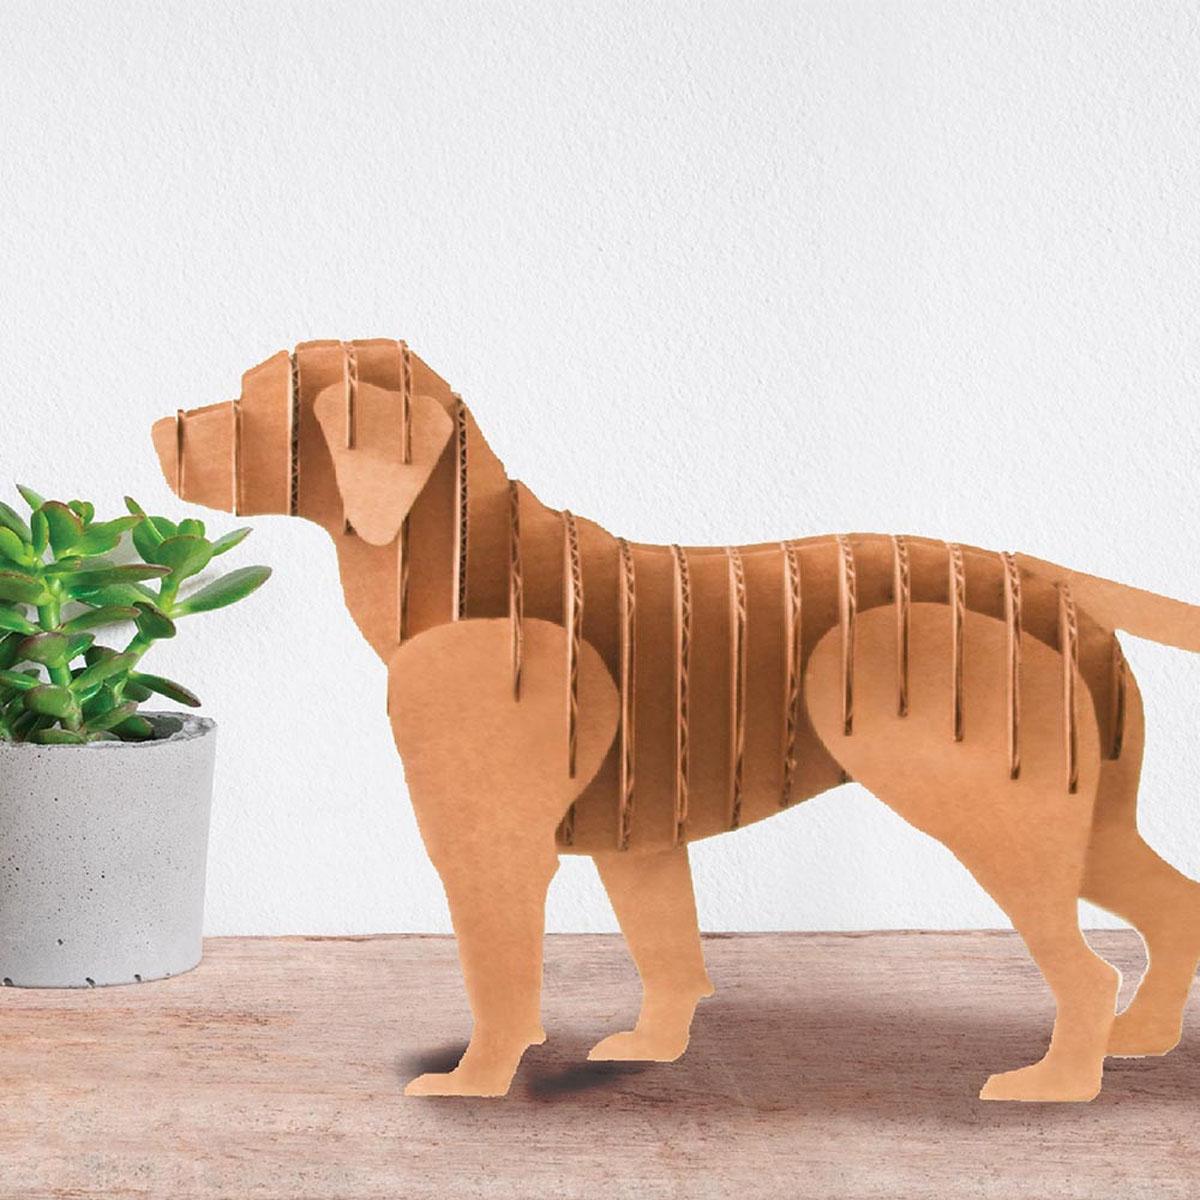 Figurine carton 3D \'Chien\' - planches 30x30 cm - [A2707]